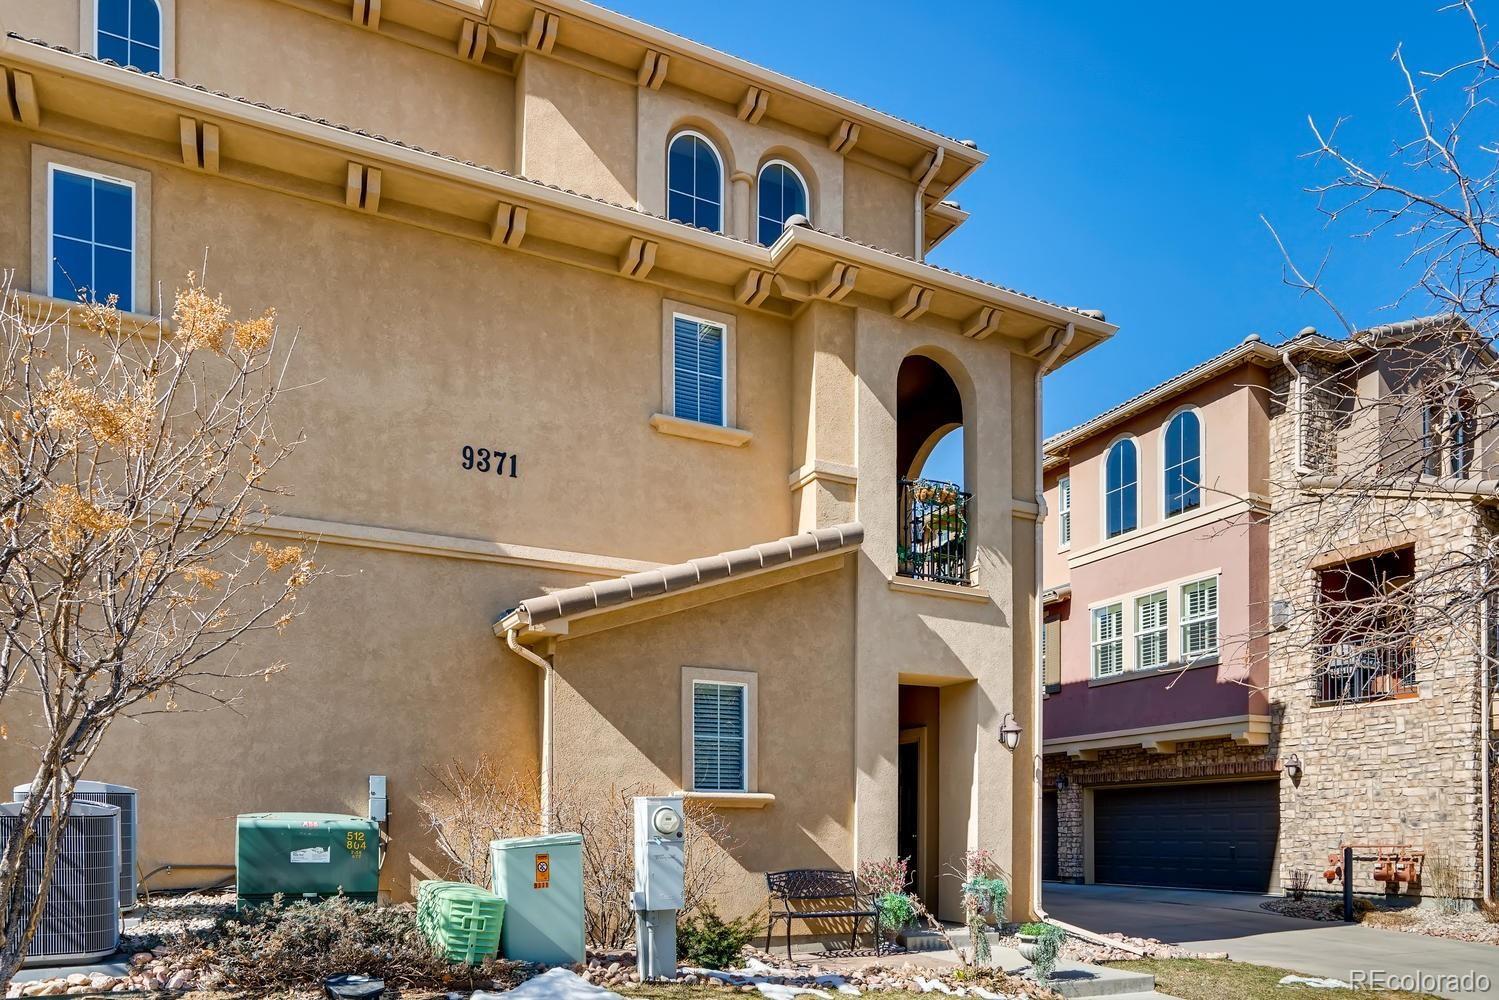 MLS# 5326326 - 2 - 9371 Loggia Street #D, Highlands Ranch, CO 80126